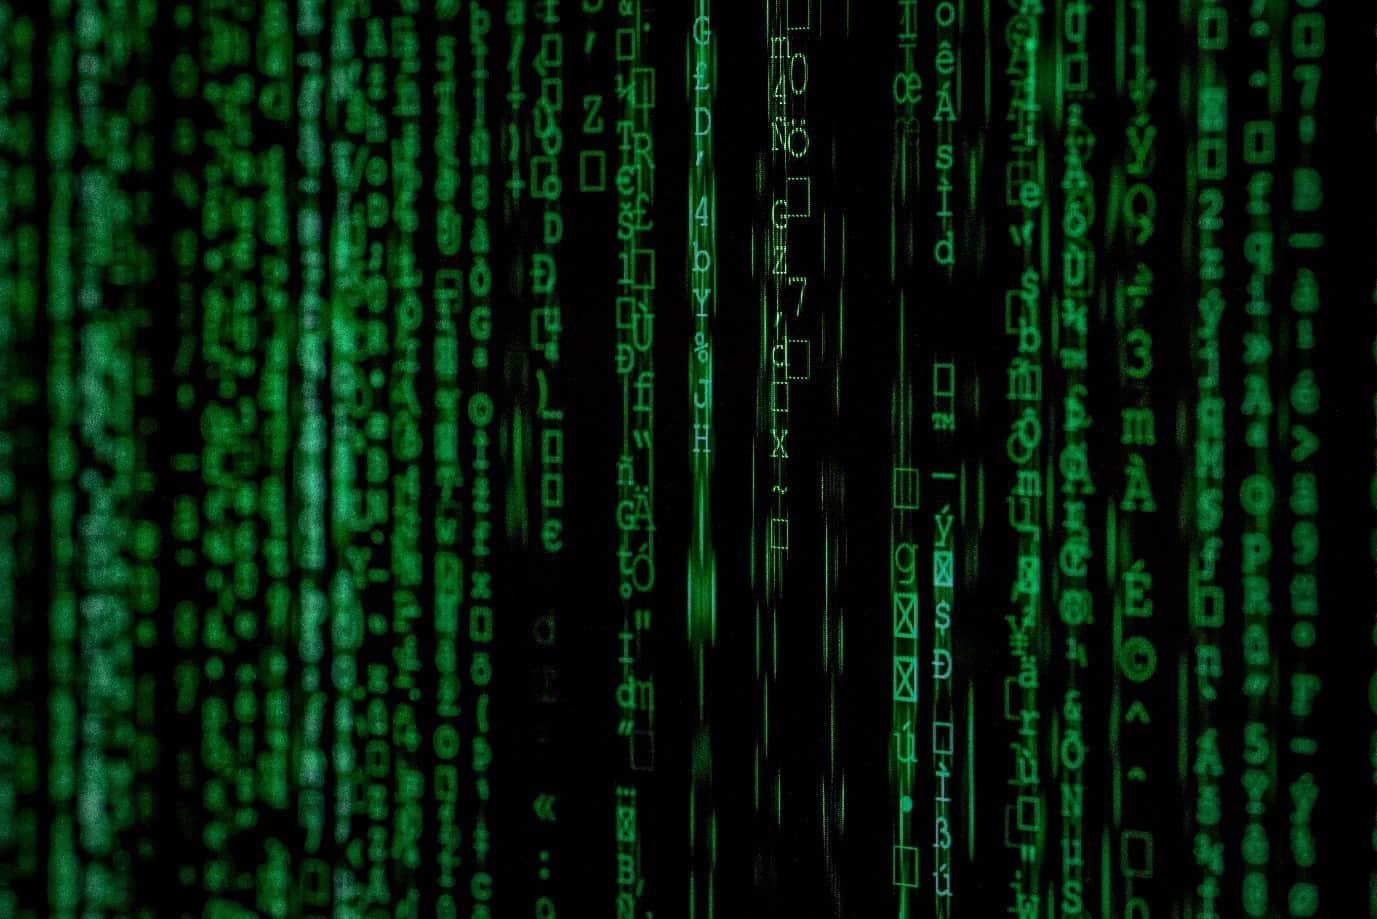 Maschinelles Lernen in der Cybersicherheit